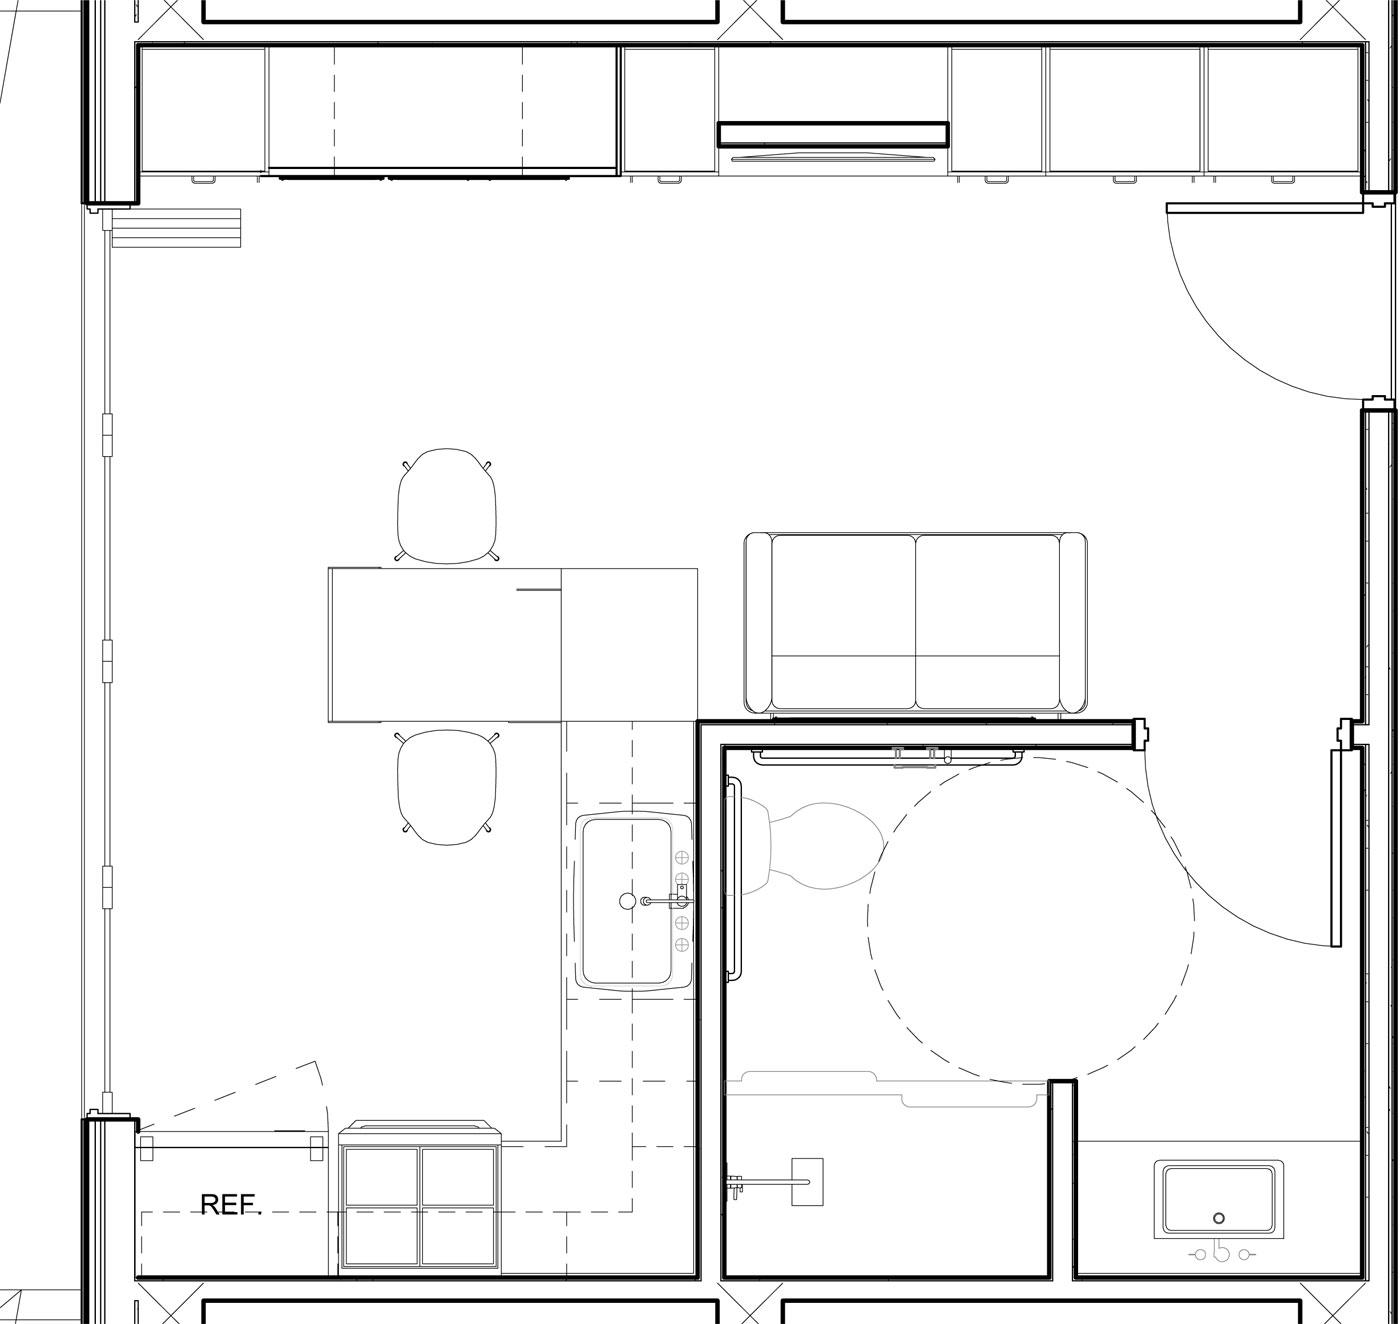 NYC-Micro-Dwellings-Enlarged-Unit-Plan.jpg